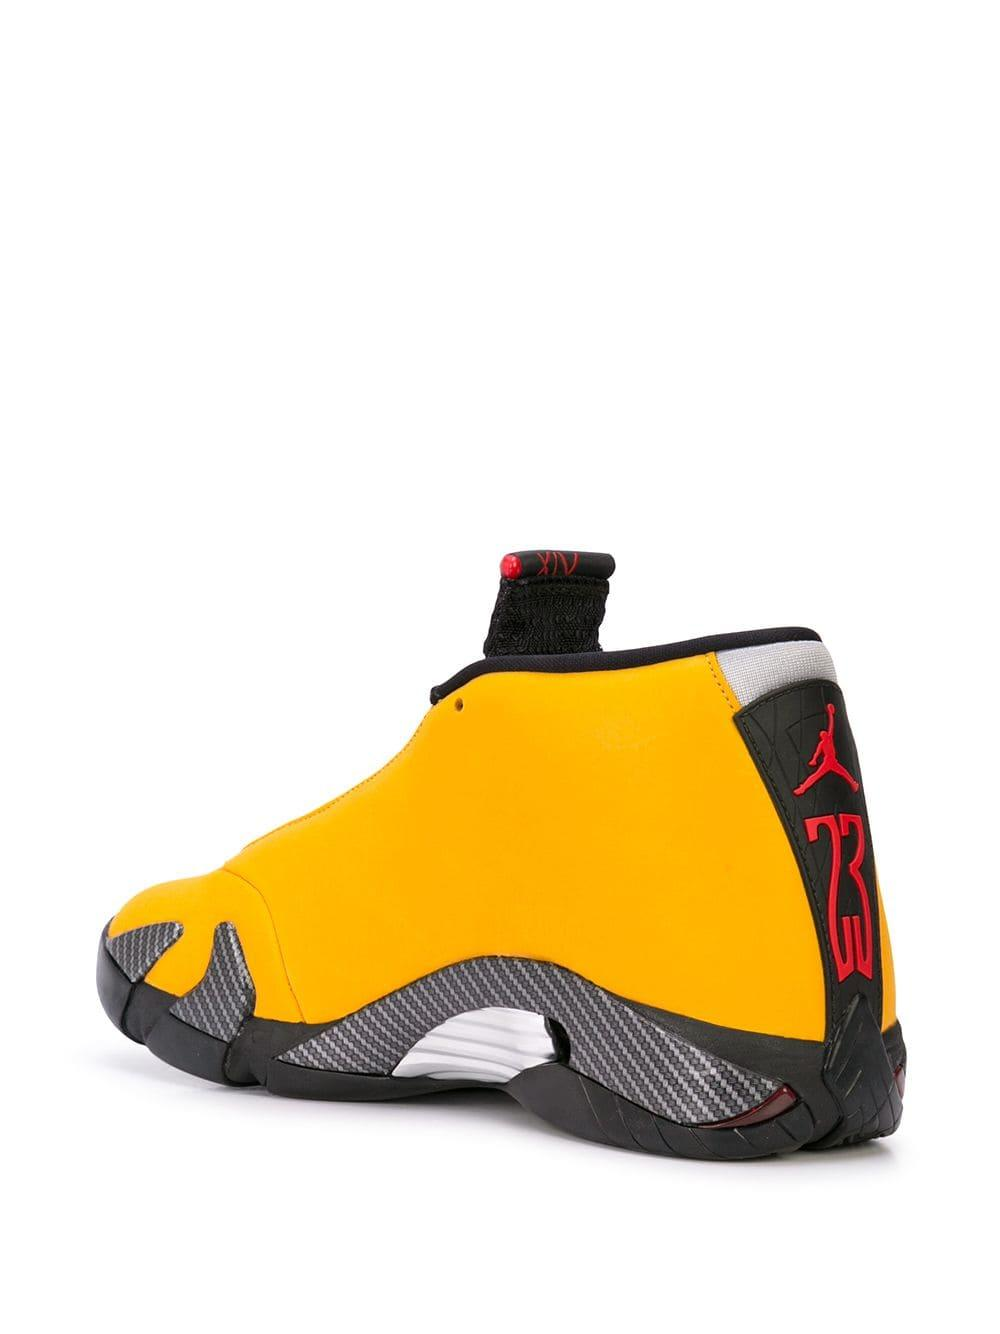 Zapatillas 14 Retro Reverse Ferarri Nike de Tejido sintético de color Amarillo